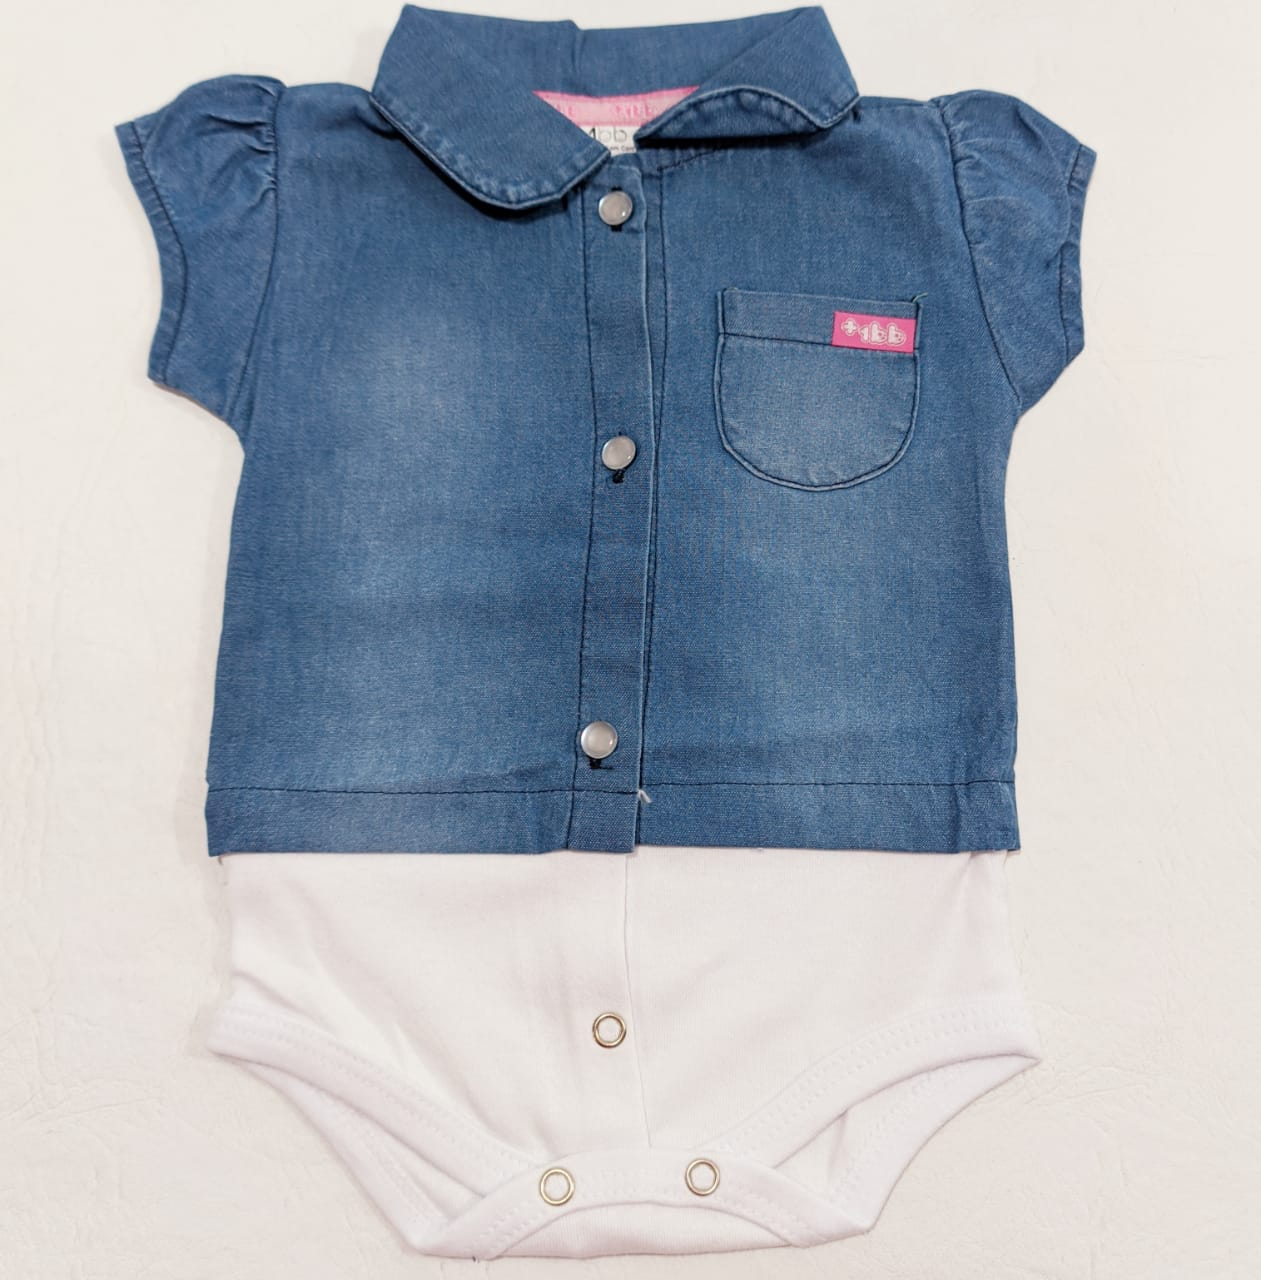 Body Jeans Menina - Meia Manga - 01 peça - 0 à 8 meses - 100% algodão - +1BB